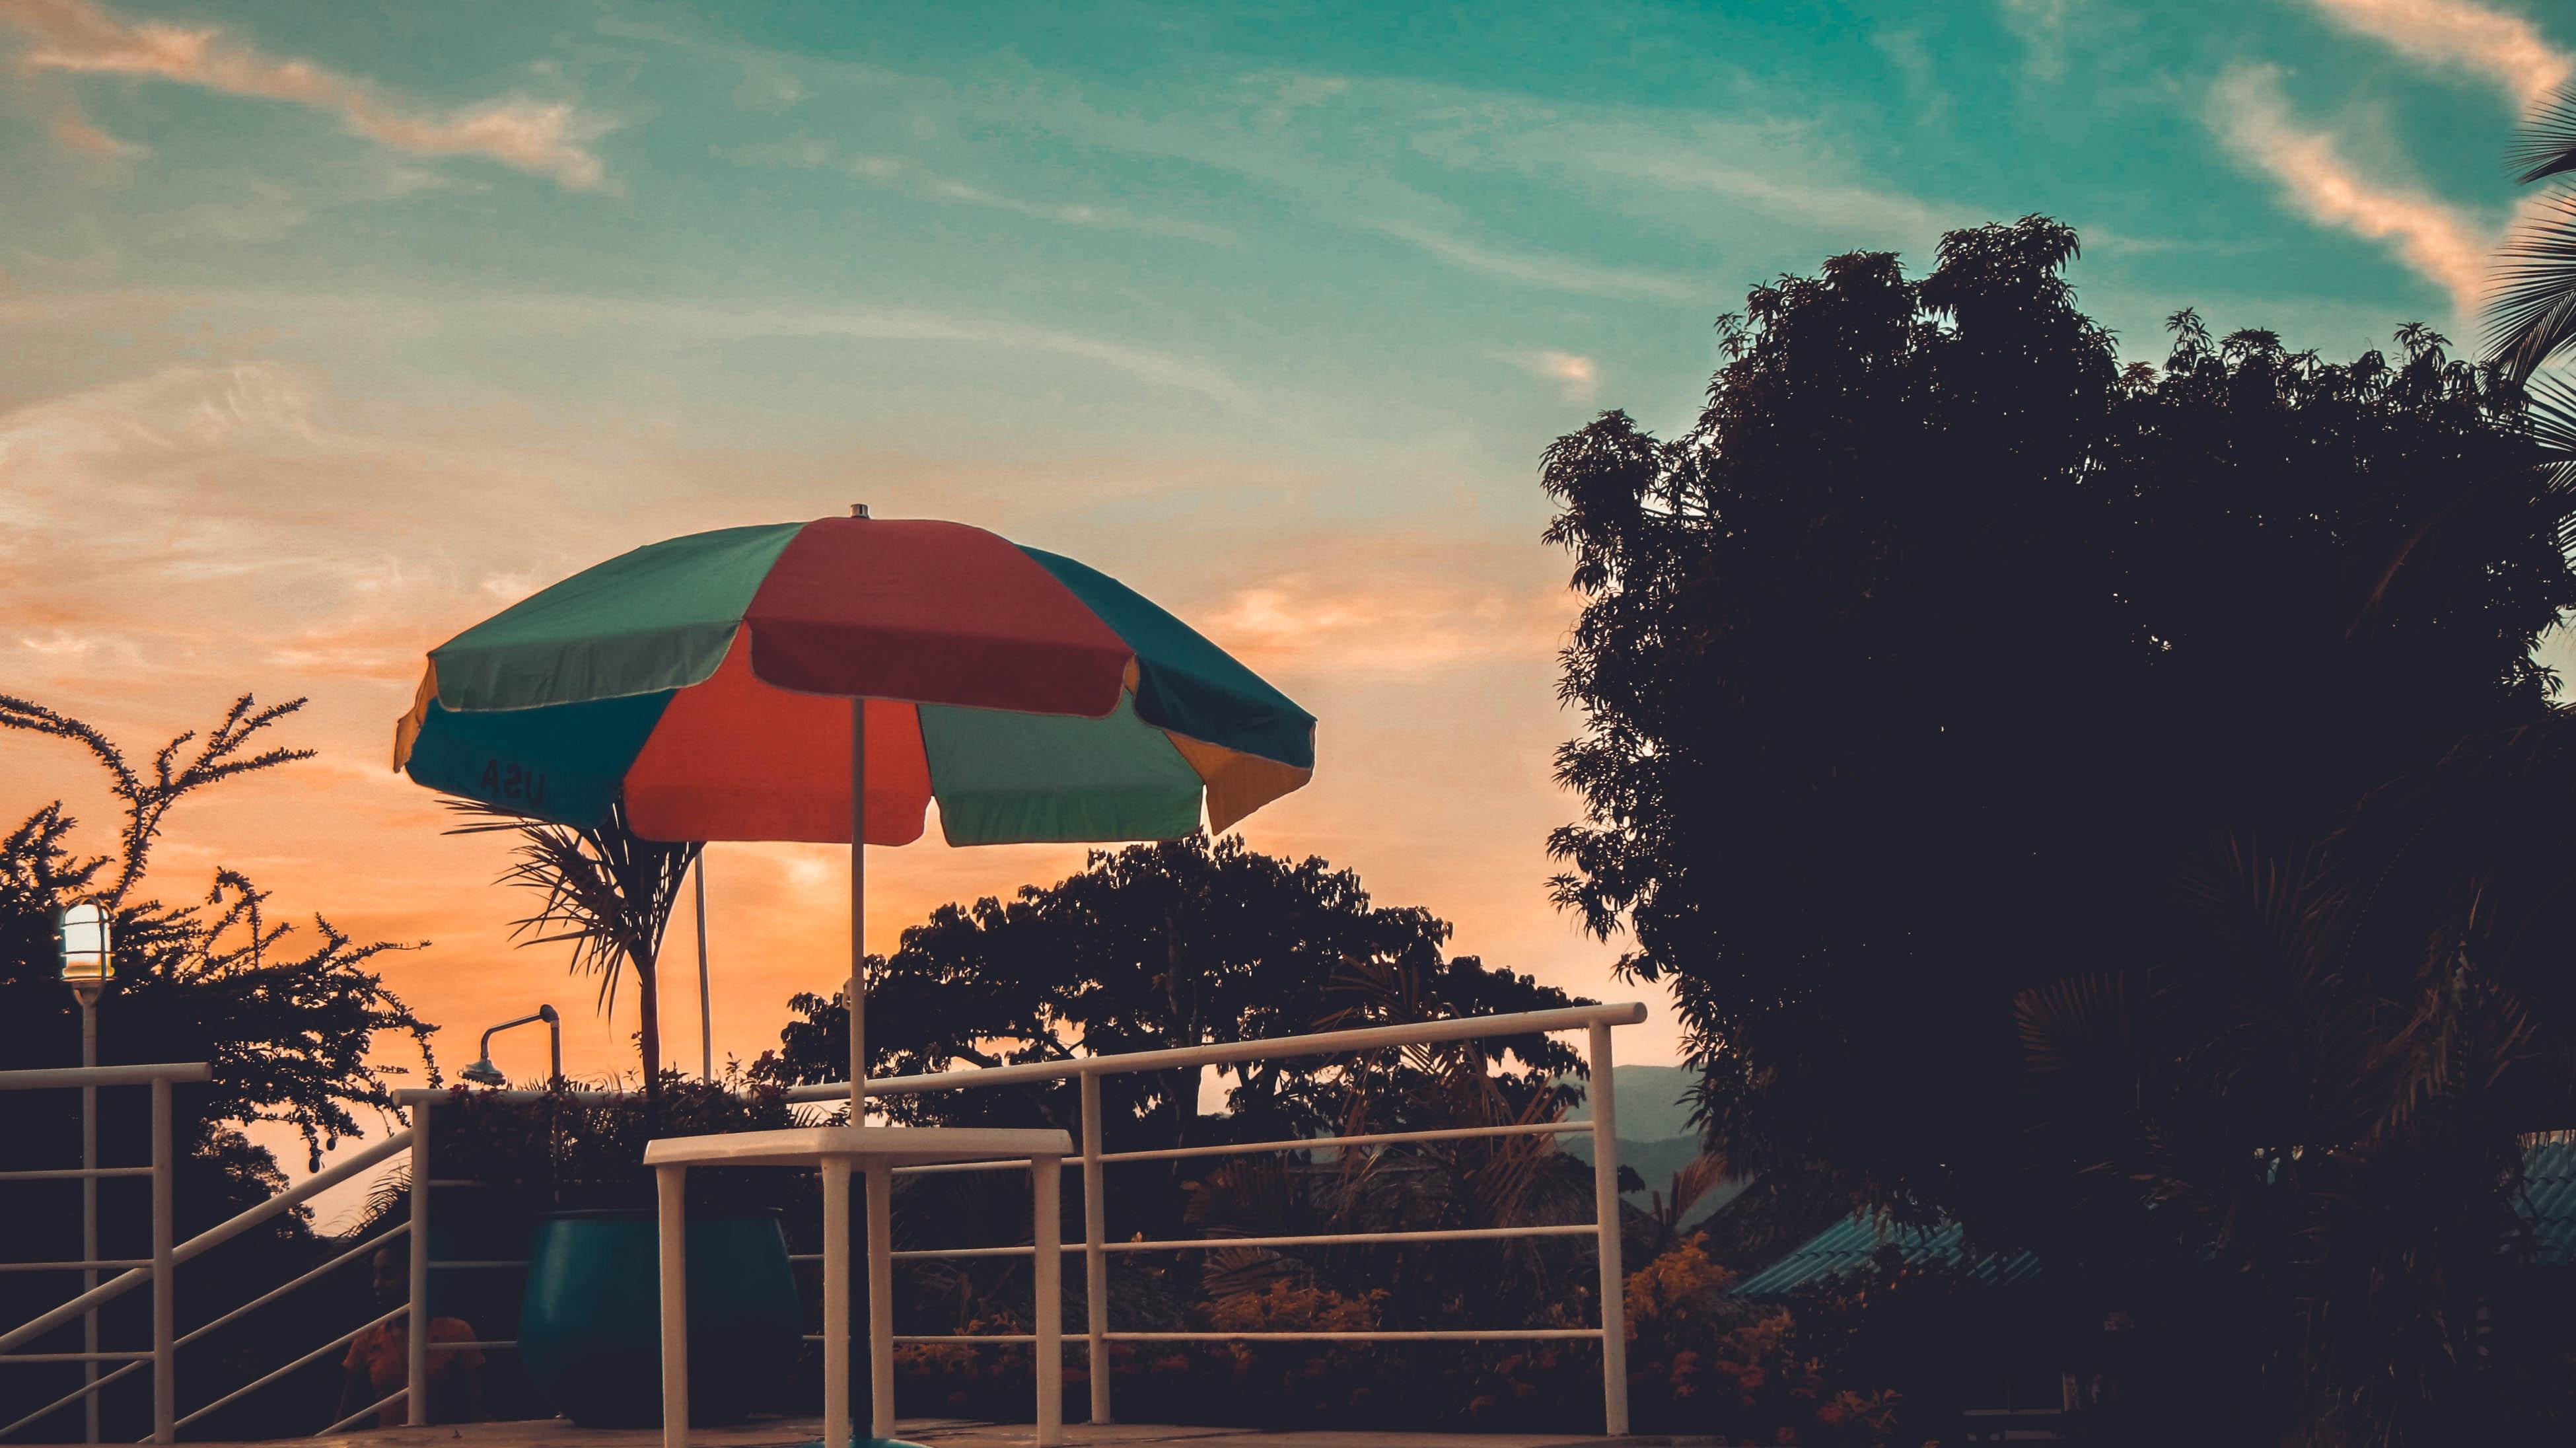 Red, Blue and Green Patio Umbrella, Beach, Scenic, Umbrella, Trees, HQ Photo